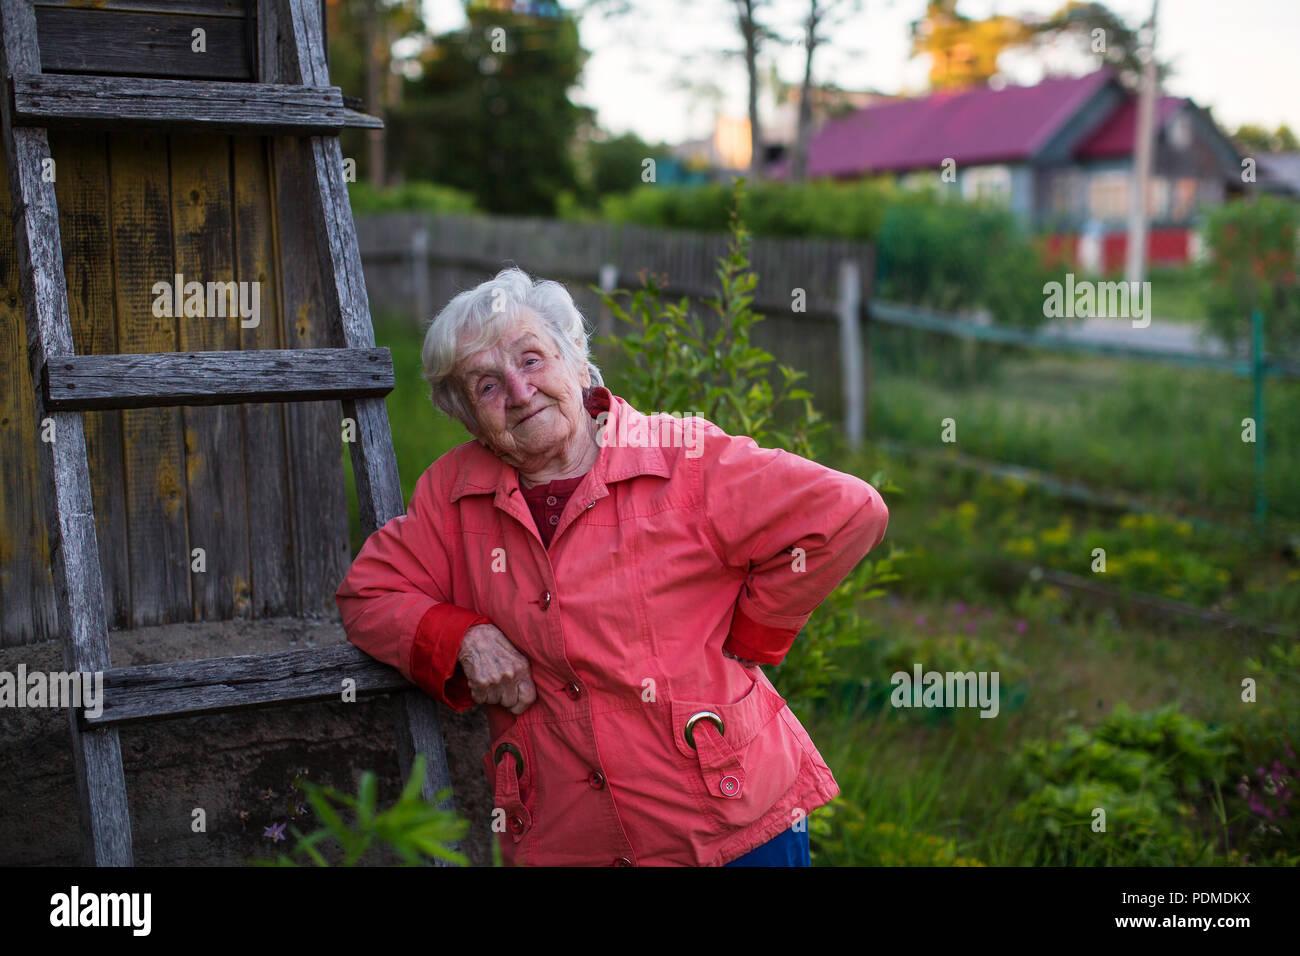 Вблизи дома престарелых диалог на по английски отправка стариков в дом престарелых